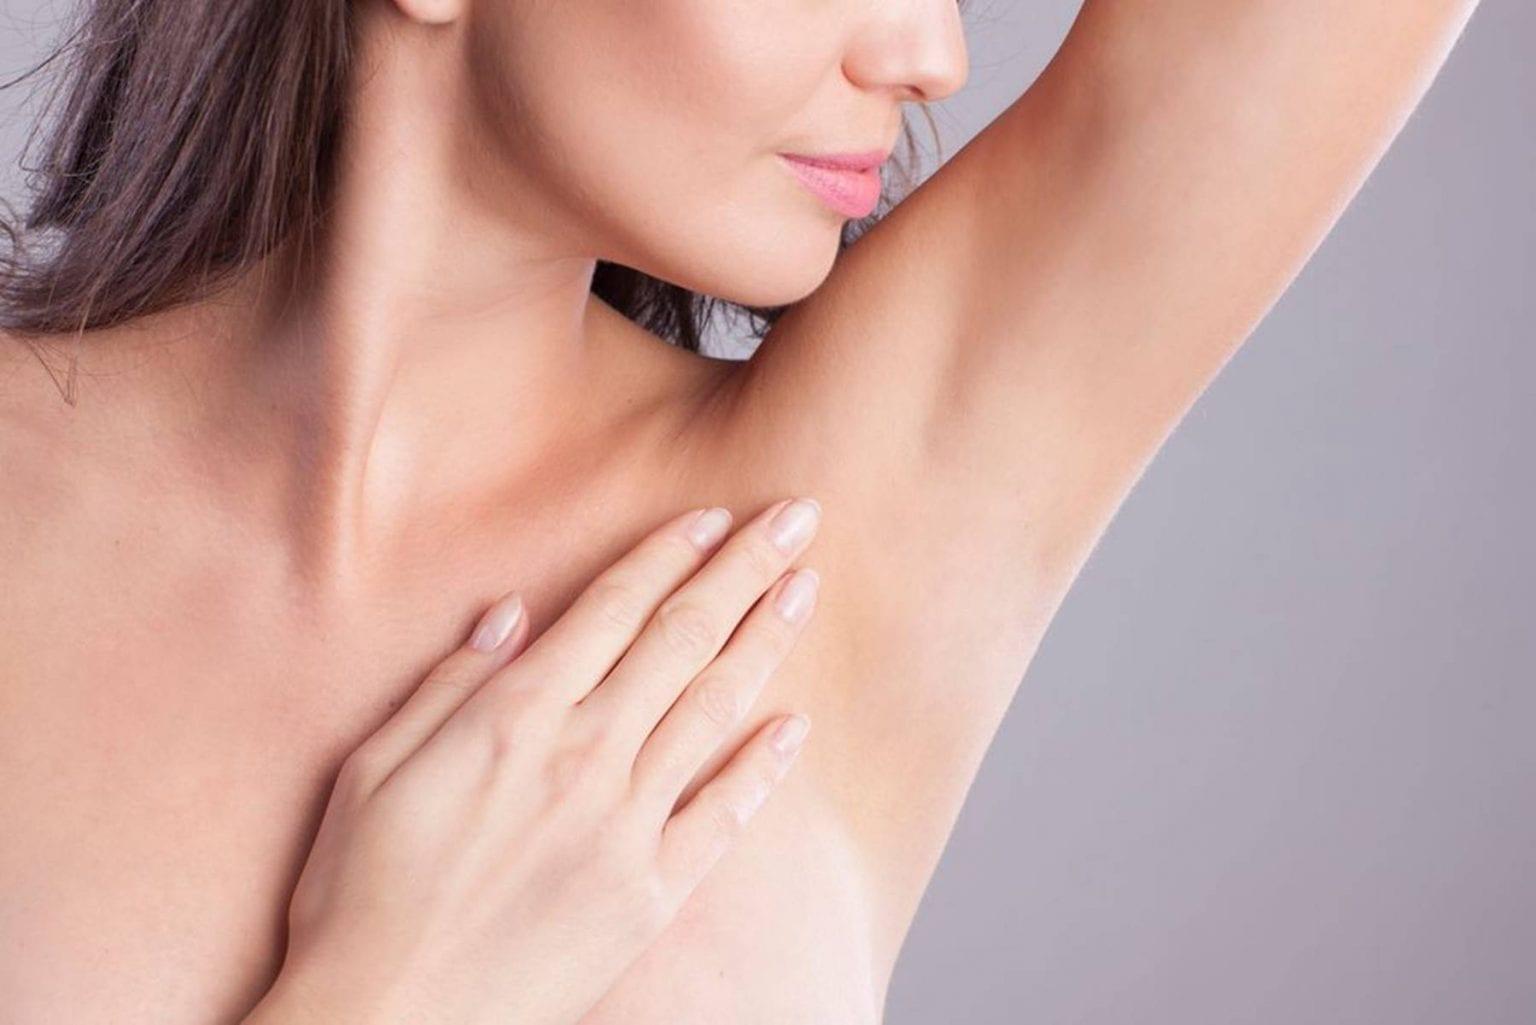 Clareamento de axilas: Como evitar e tratamentos caseiros